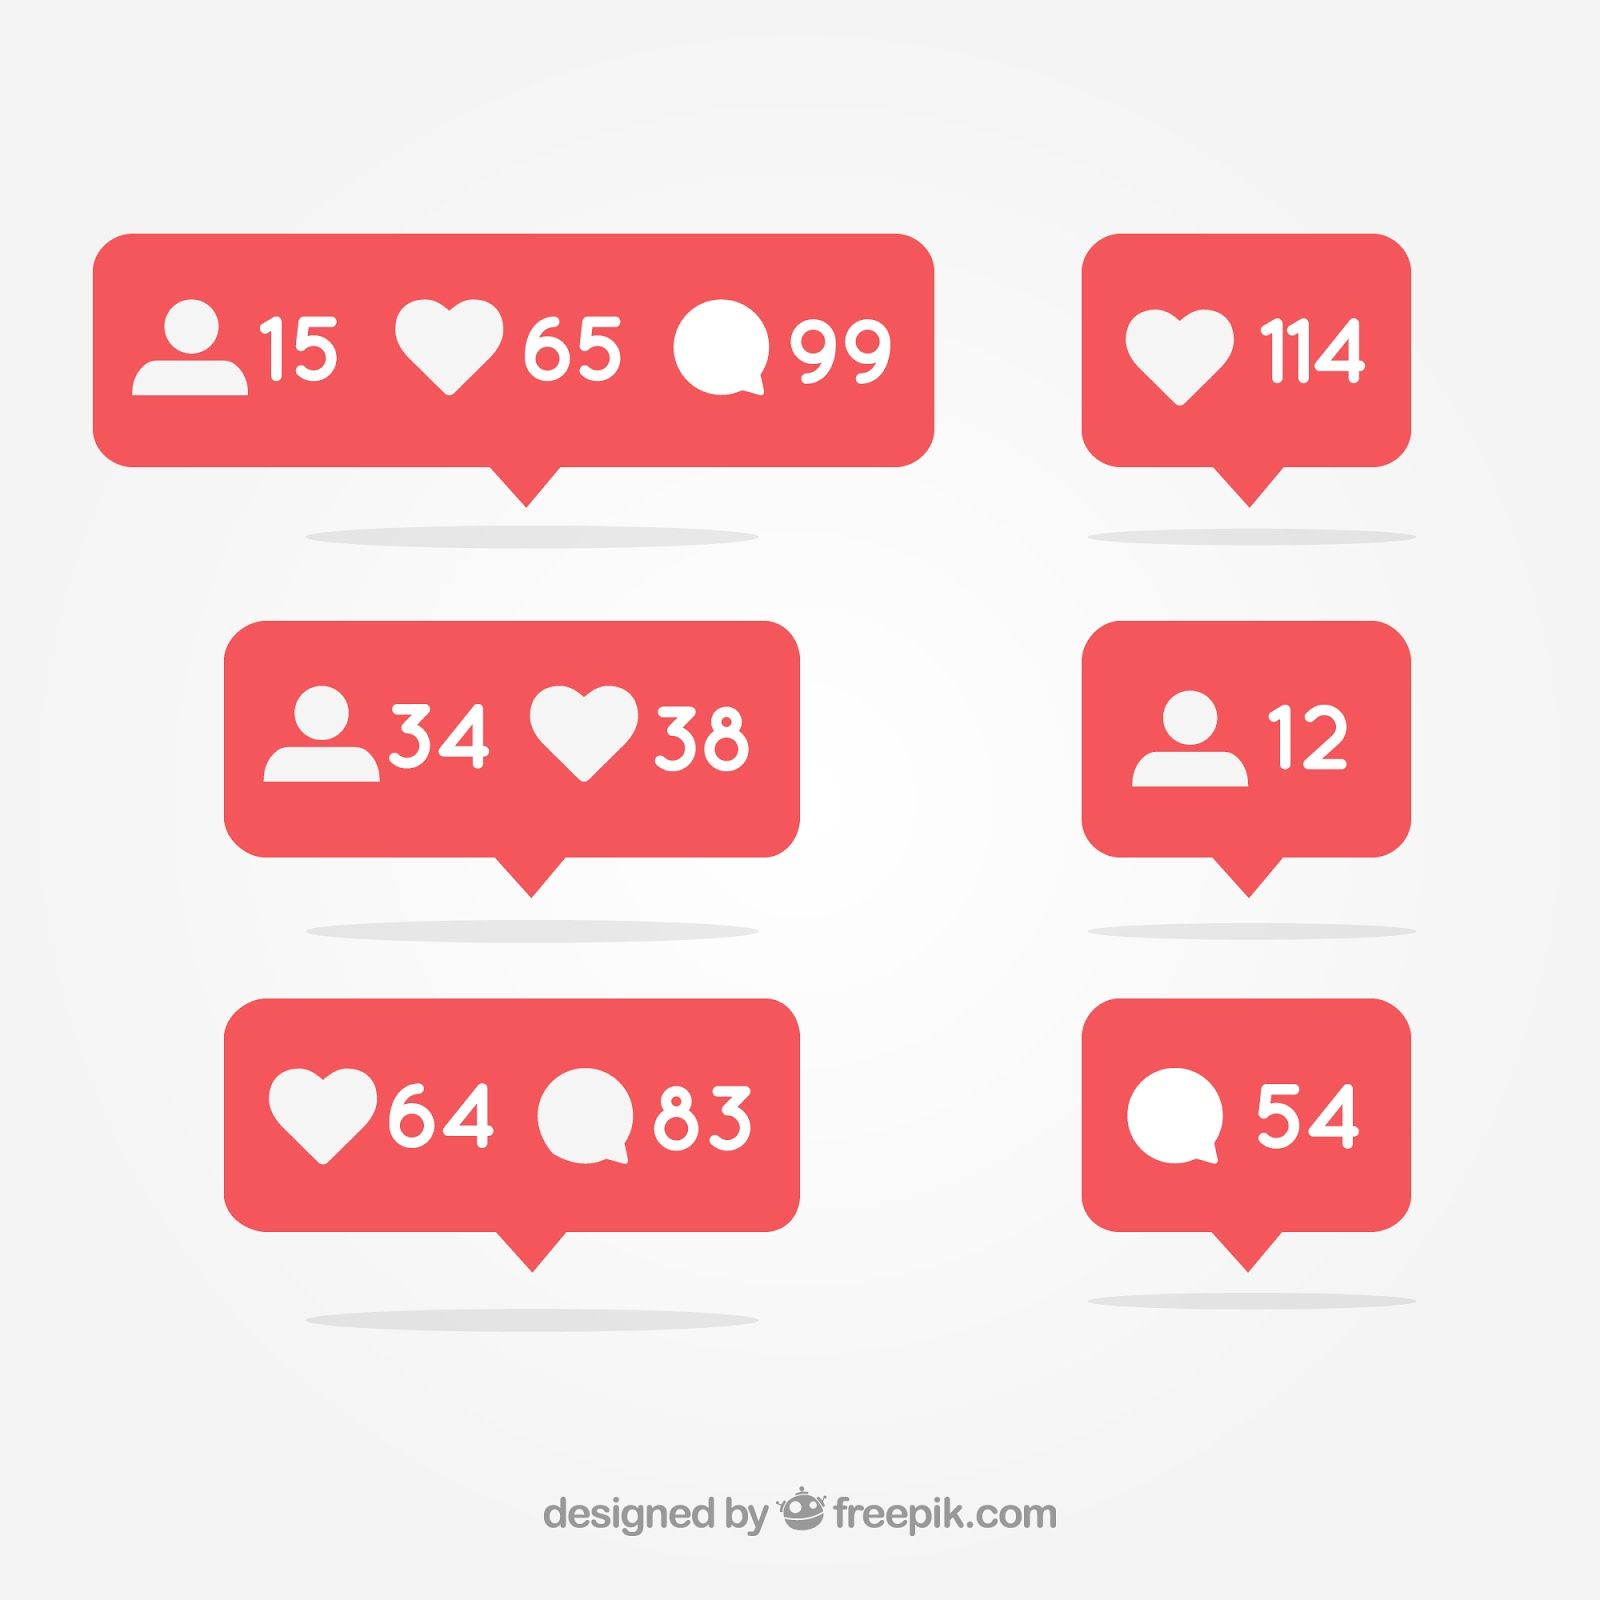 هاشتاقات انستقرام 2021 عربي وانجليزي لزيادة المتابعين هاشتاقات انستقرام عربية نسخ هاشتاقات Instagram Instagram Likes And Followers Free Instagram Social Media